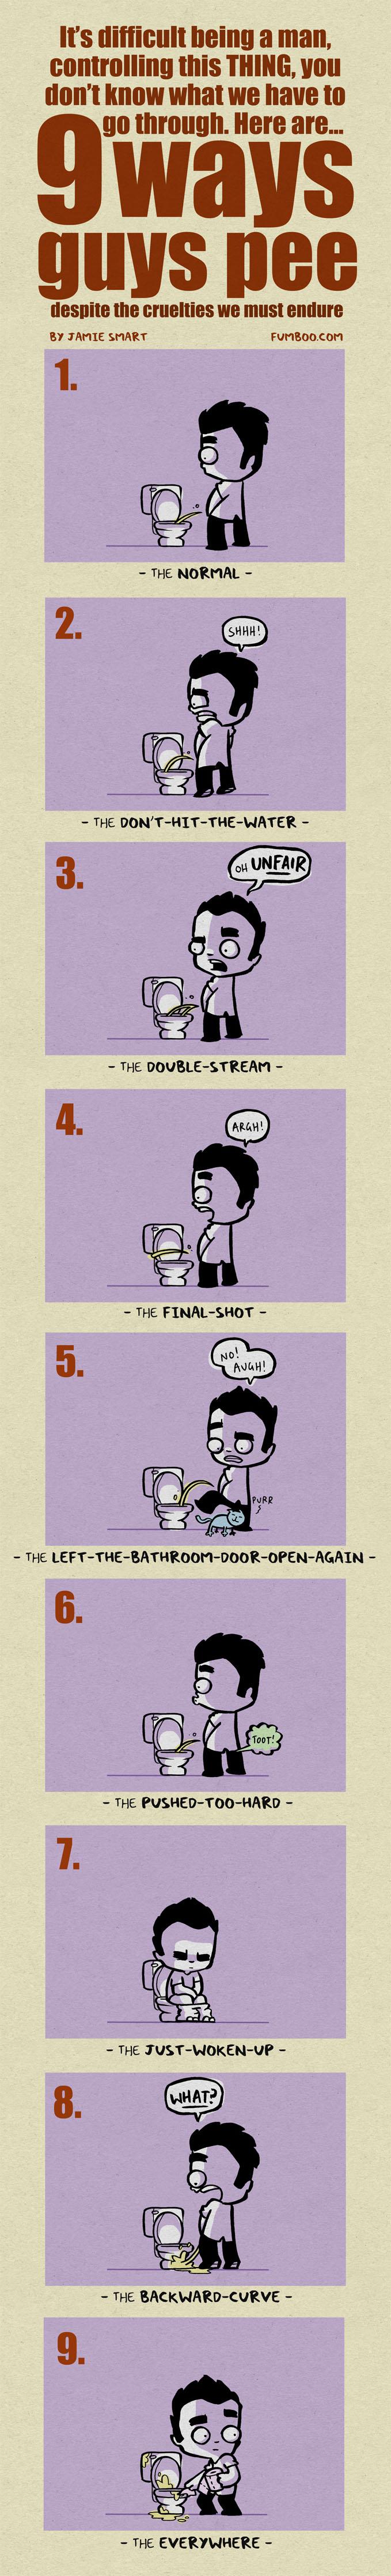 9 ways guys pee by icanseeyourmonkey